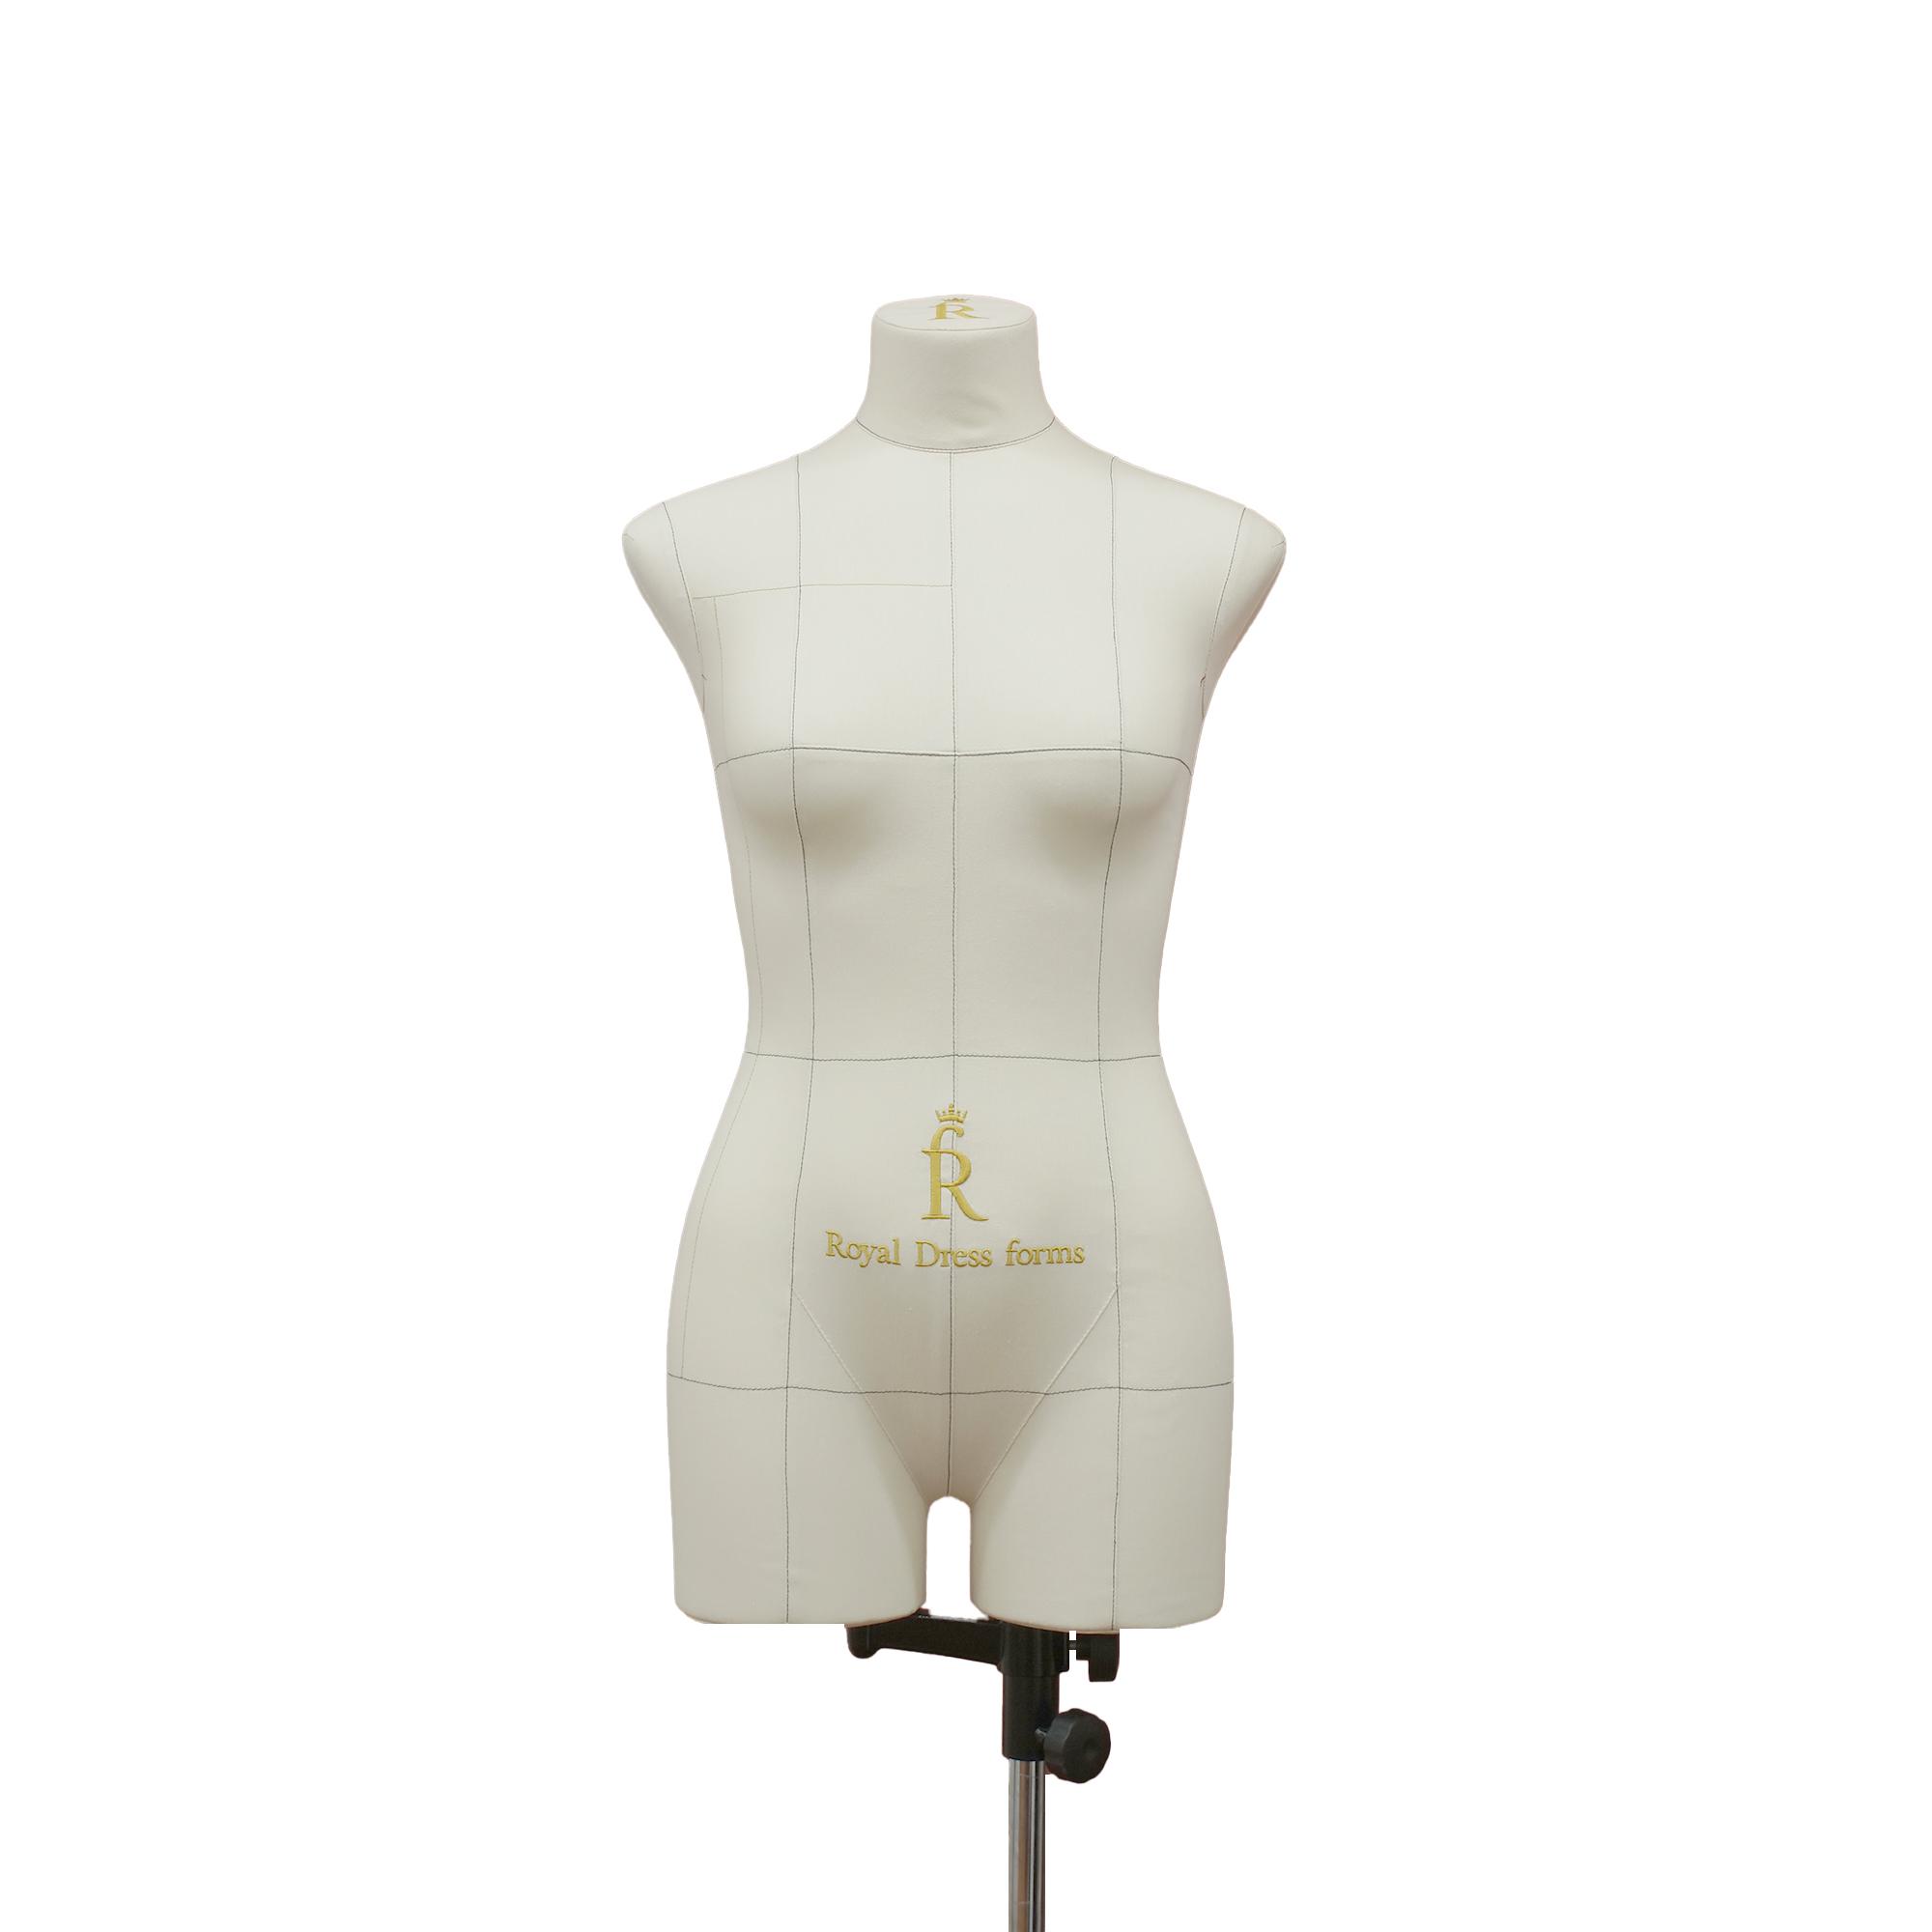 Манекен портновский Моника, комплект Премиум, размер 44, тип фигуры Прямоугольник, бежевый